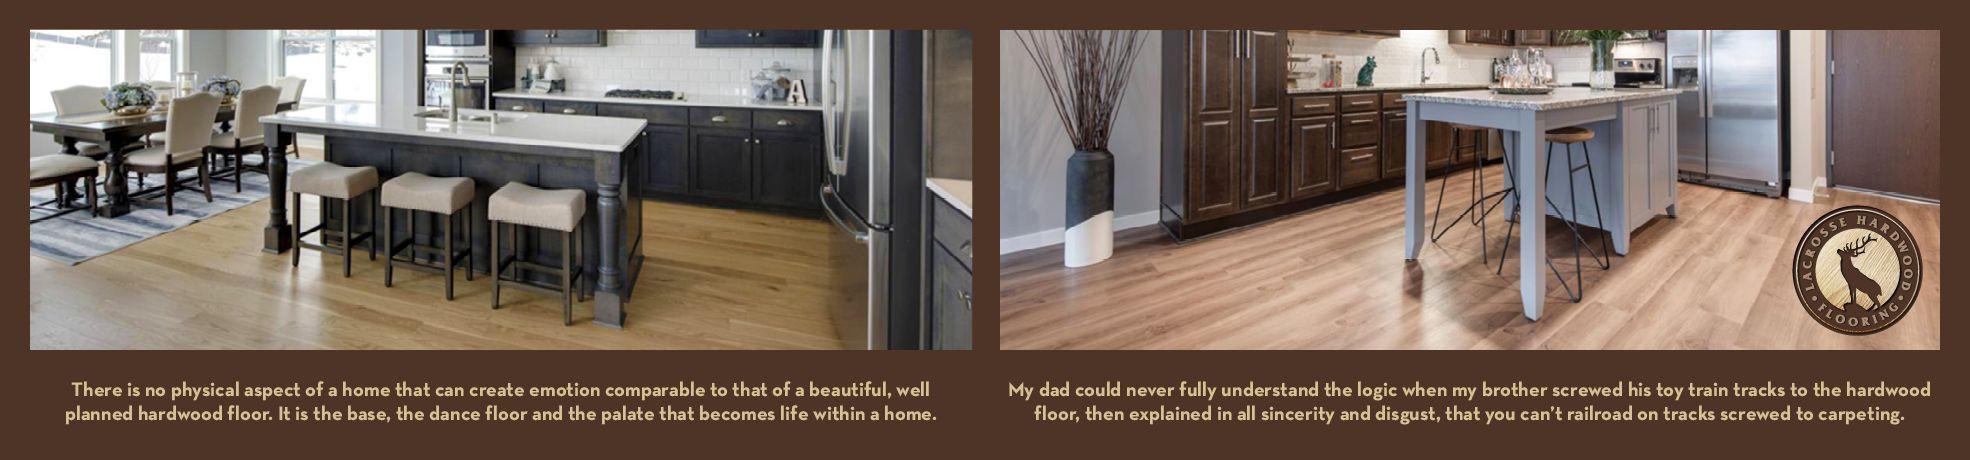 vinyl wood flooring vs hardwood of laminate versus vinyl flooring awesome wood vs tile floor luxury with laminate versus vinyl flooring beautiful 40 difference between laminate and hardwood flooring ideas of laminate versus